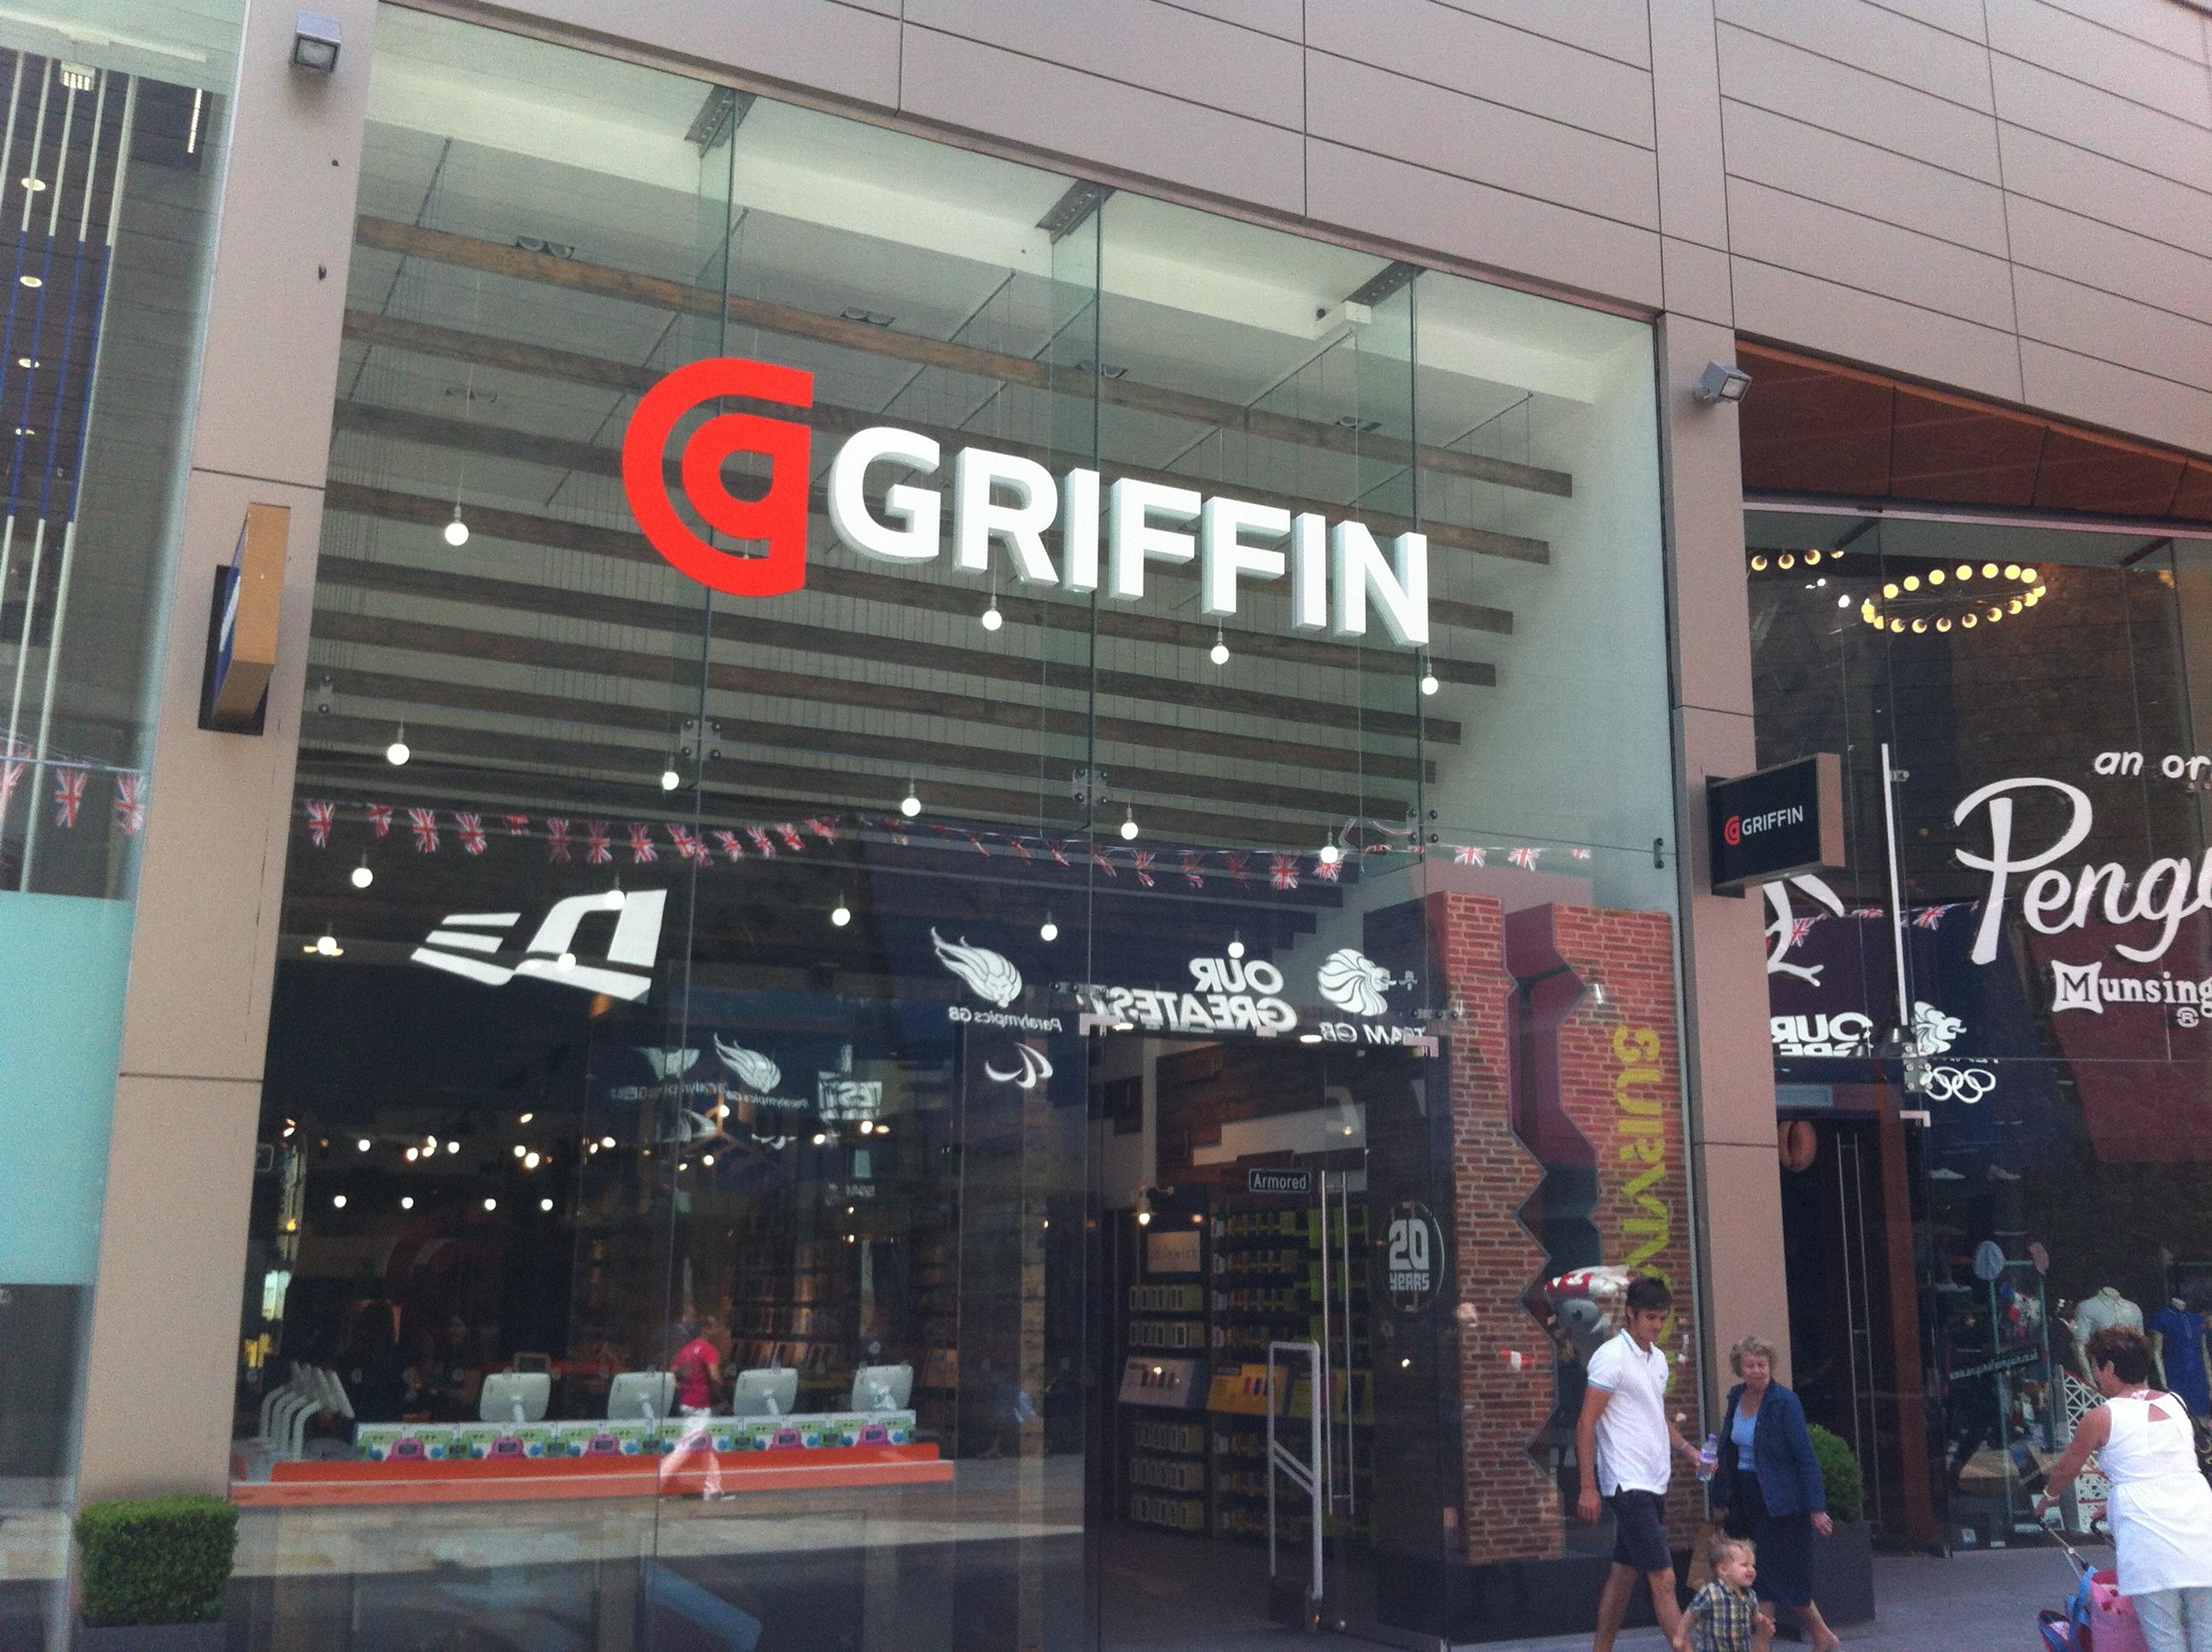 Griffin store in Westfield, Stratford